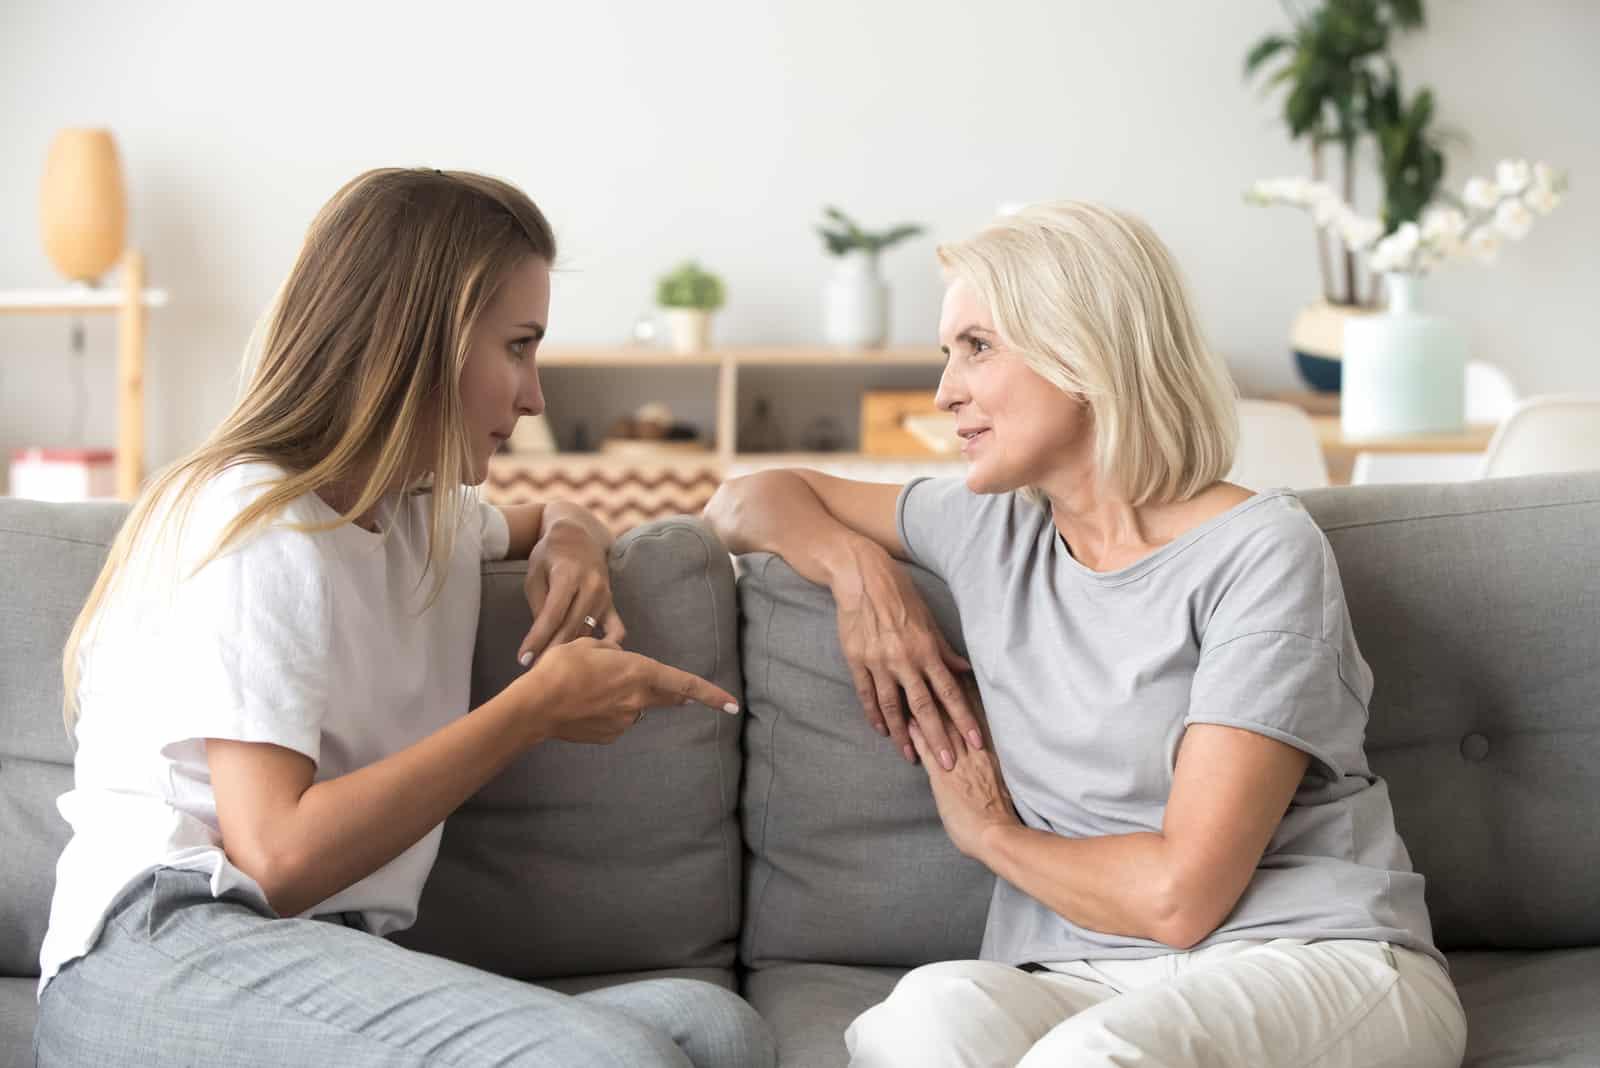 mère et fille s'assoient sur le canapé et parlent